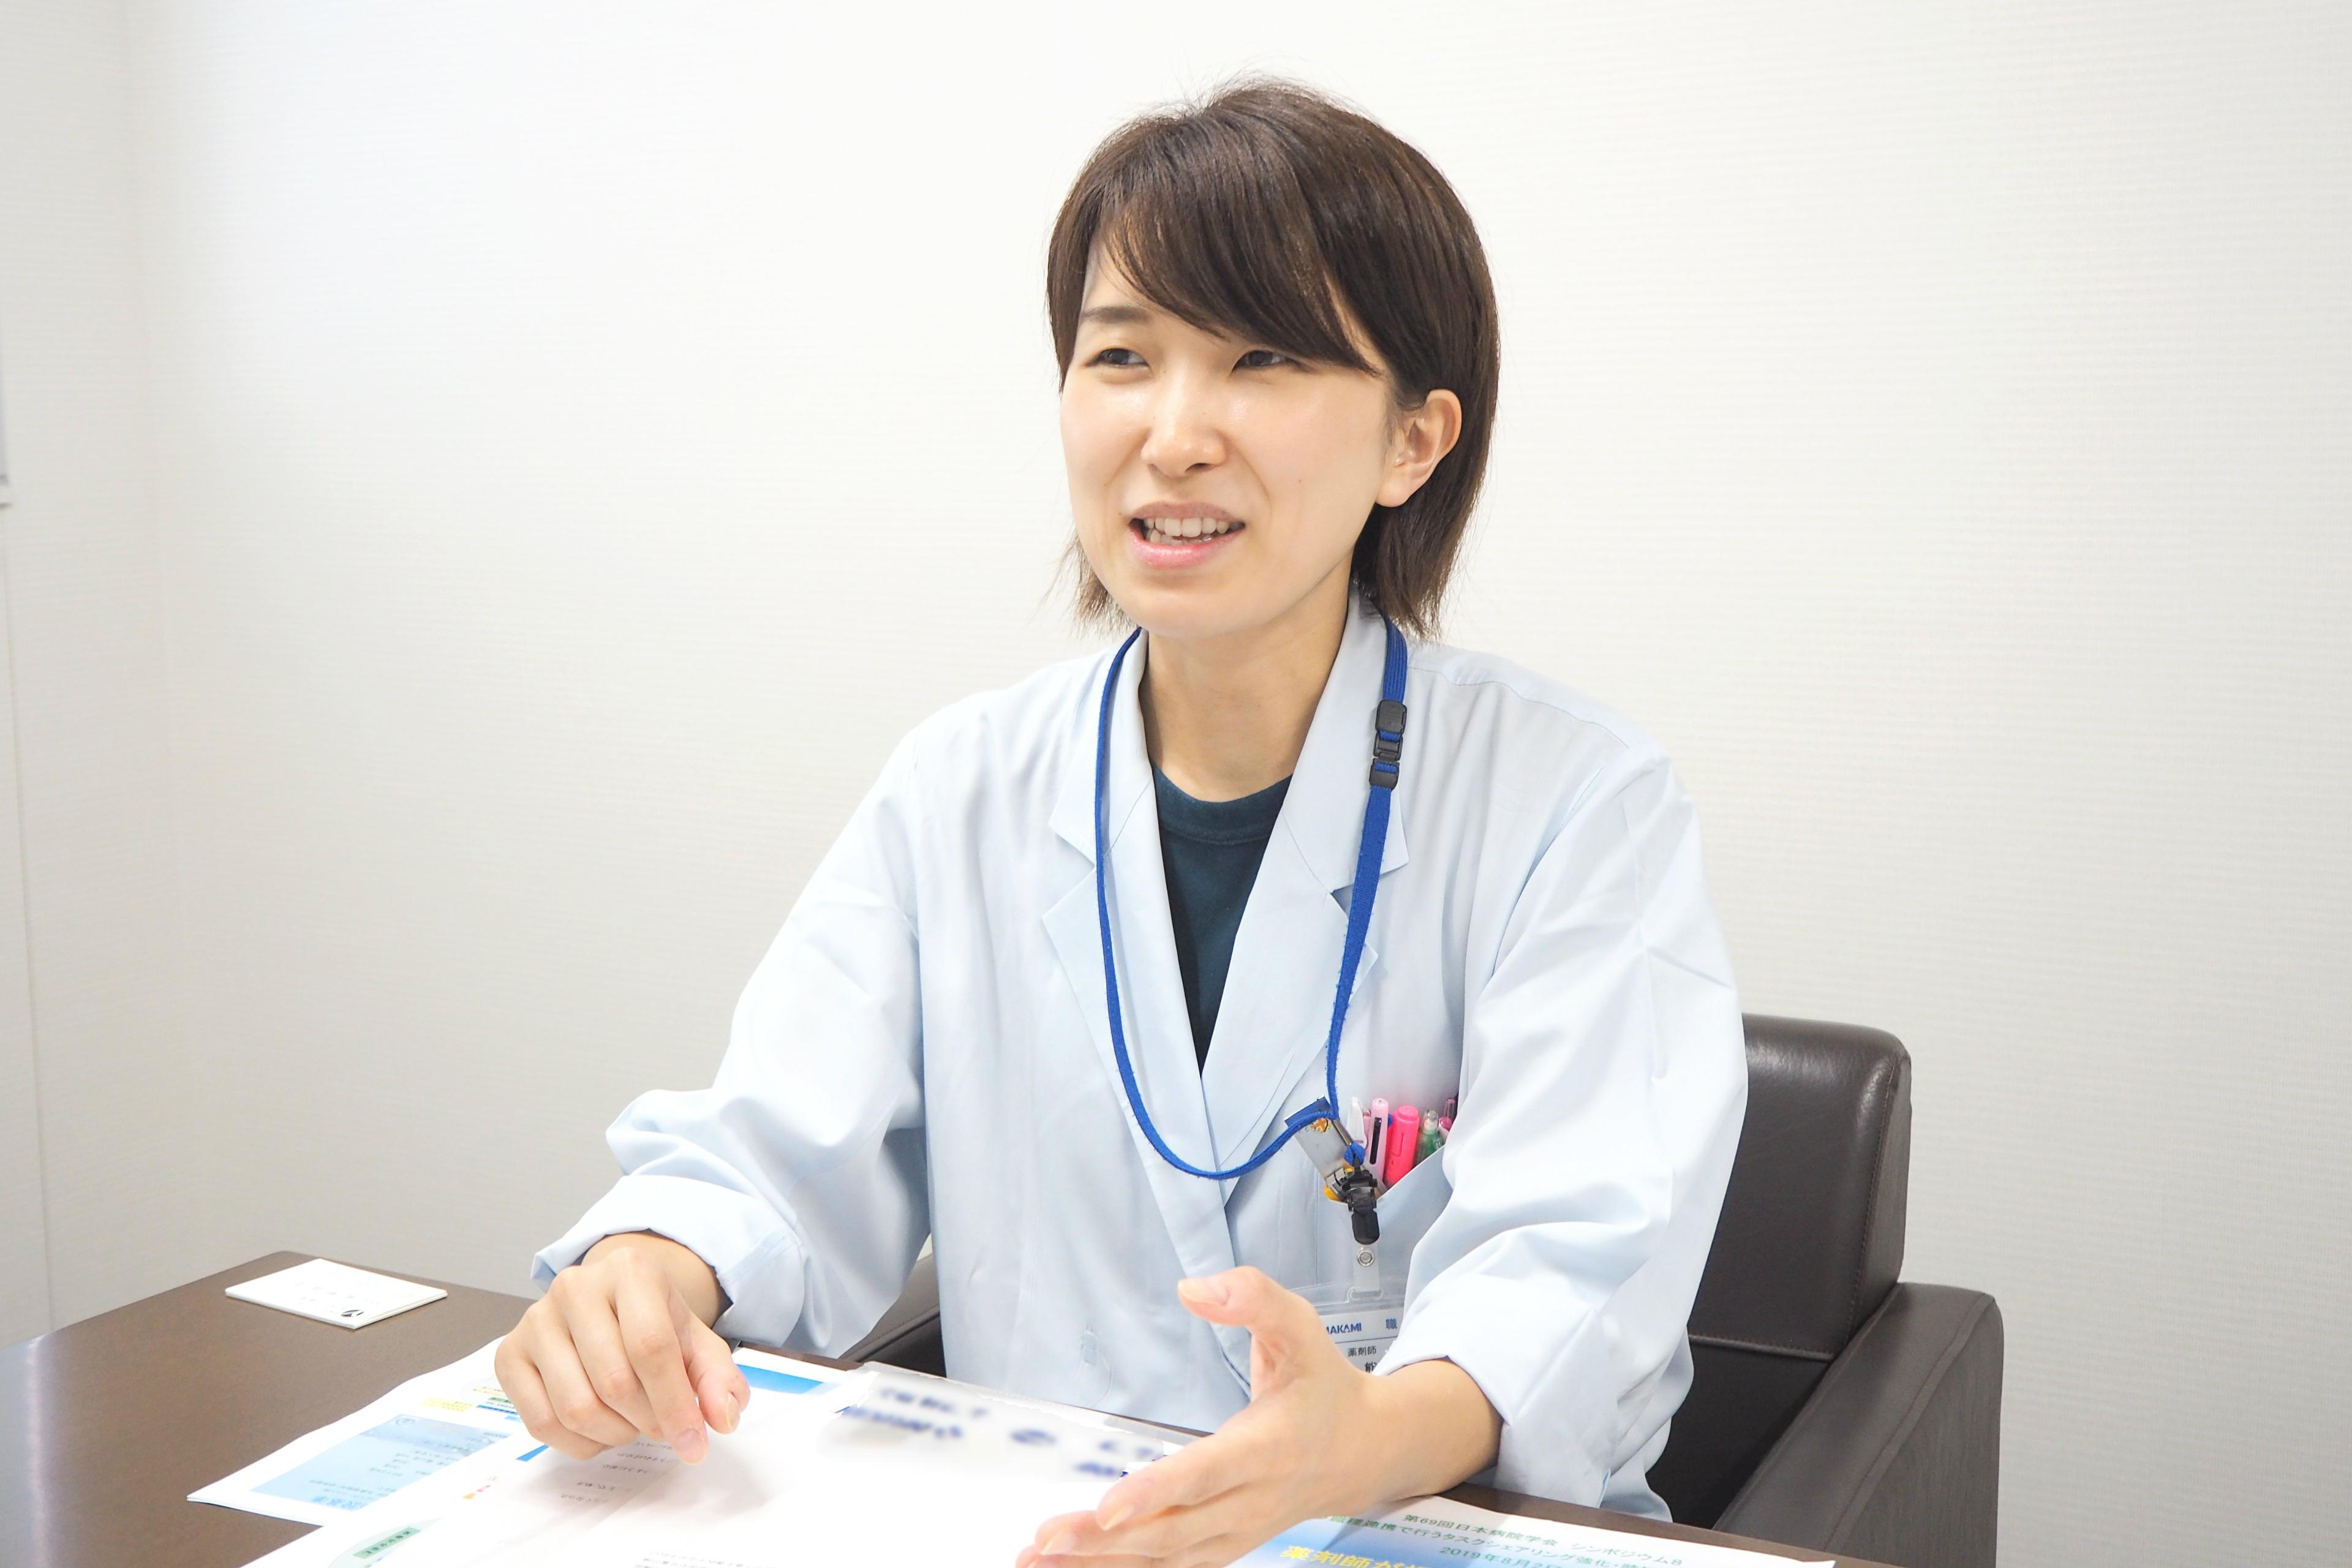 病院薬剤師という仕事にやりがいを感じて――熊野 晶子さんの思い